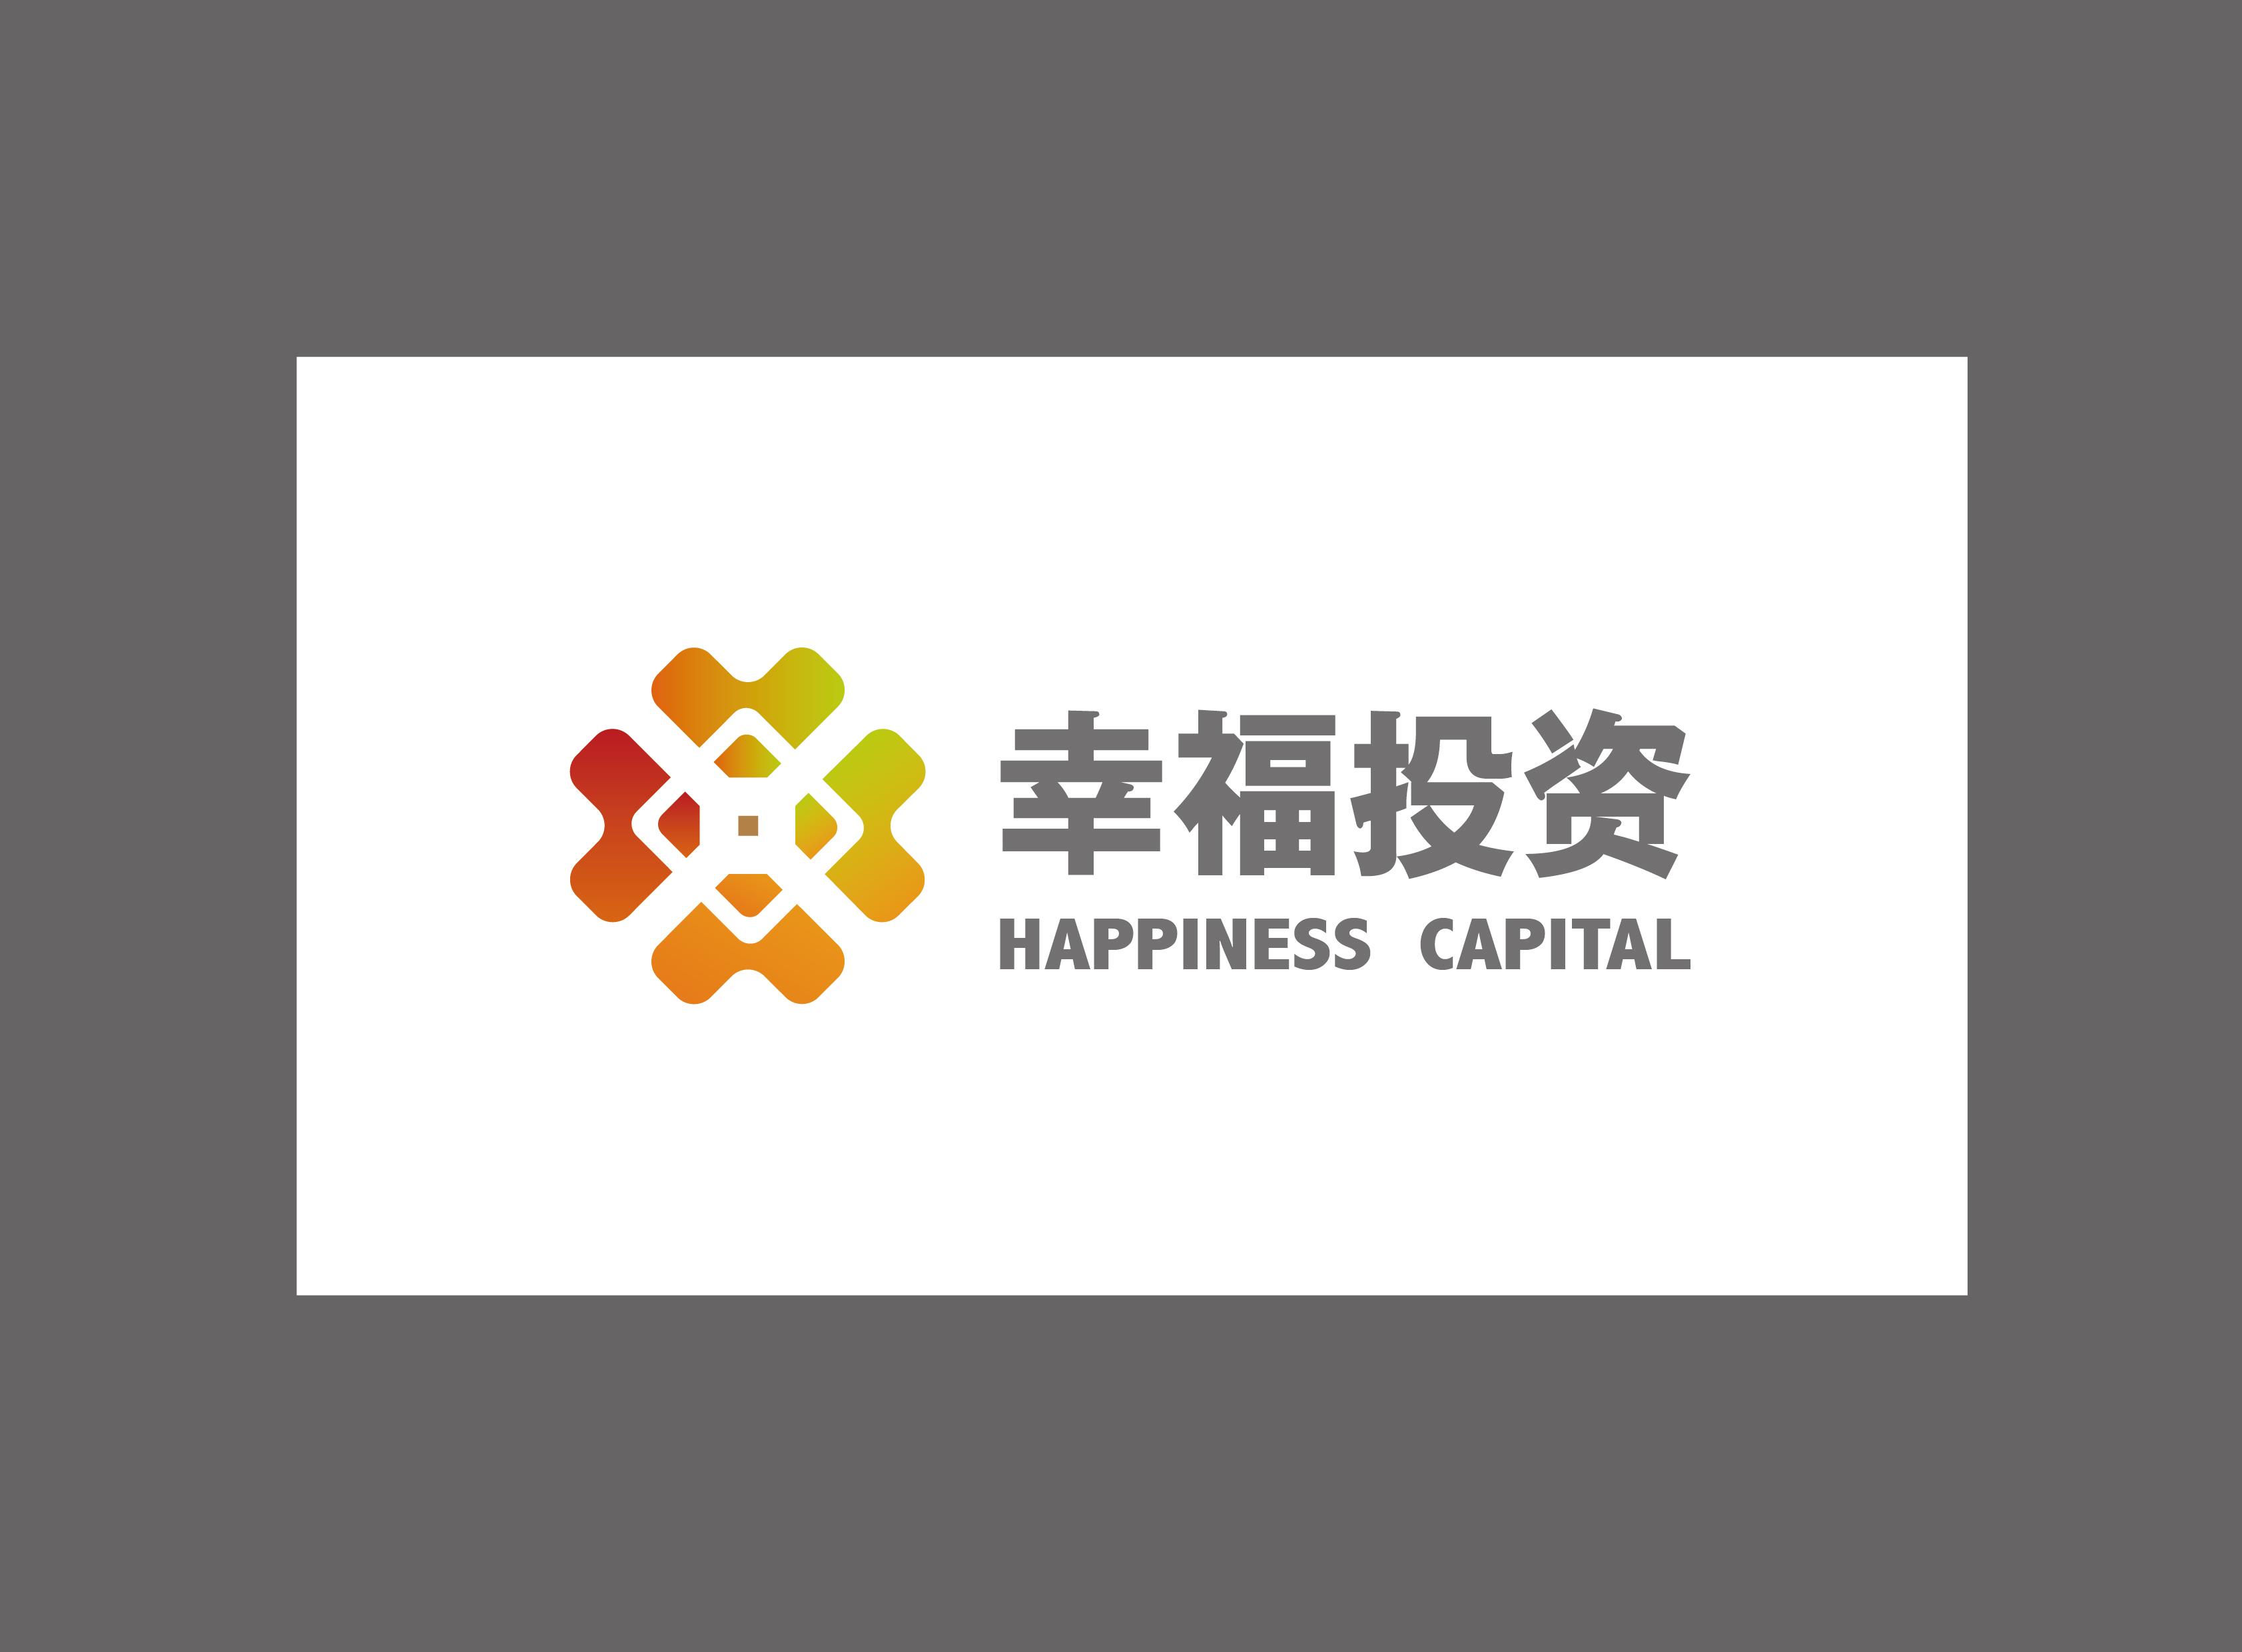 北京用友幸福投资管理有限公司